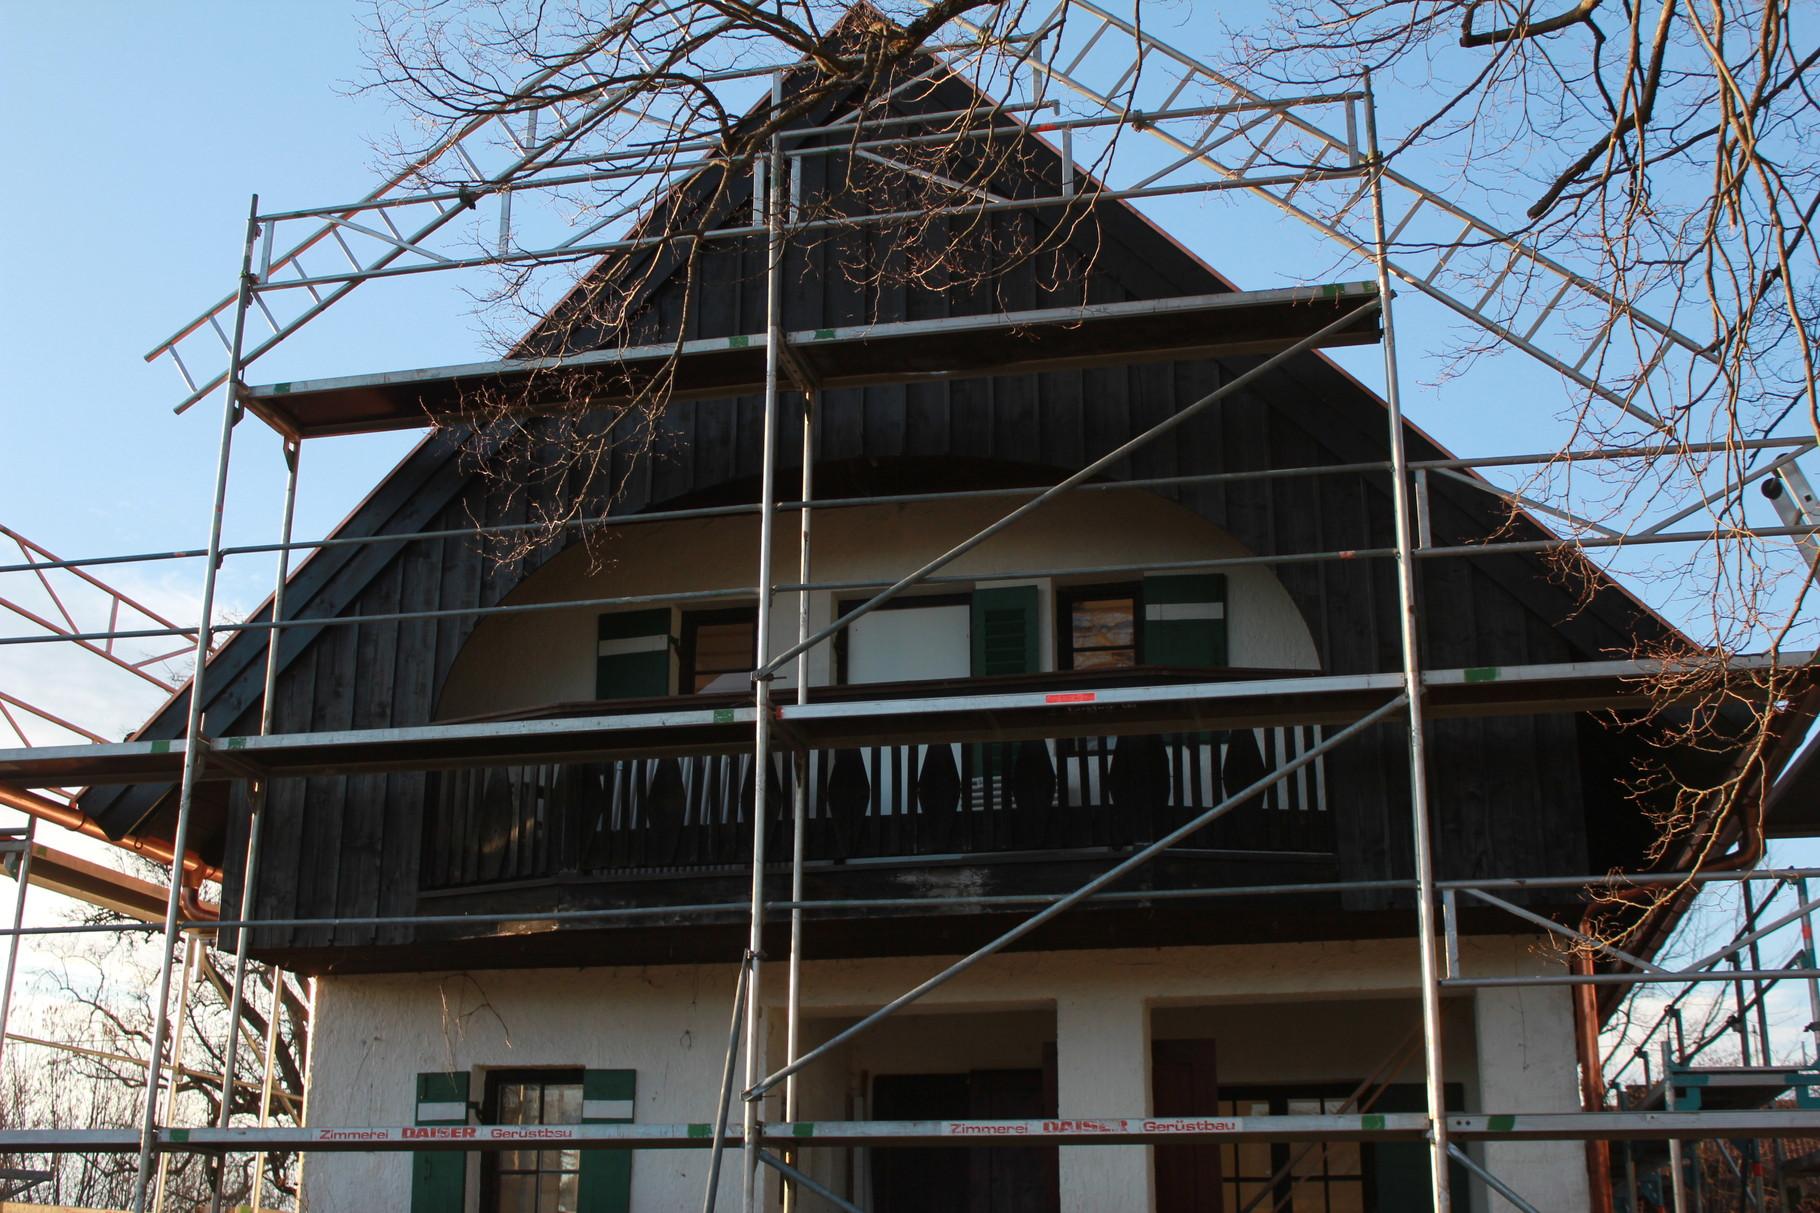 Altbausanierung An Denkmalgeschützen Gebäuden